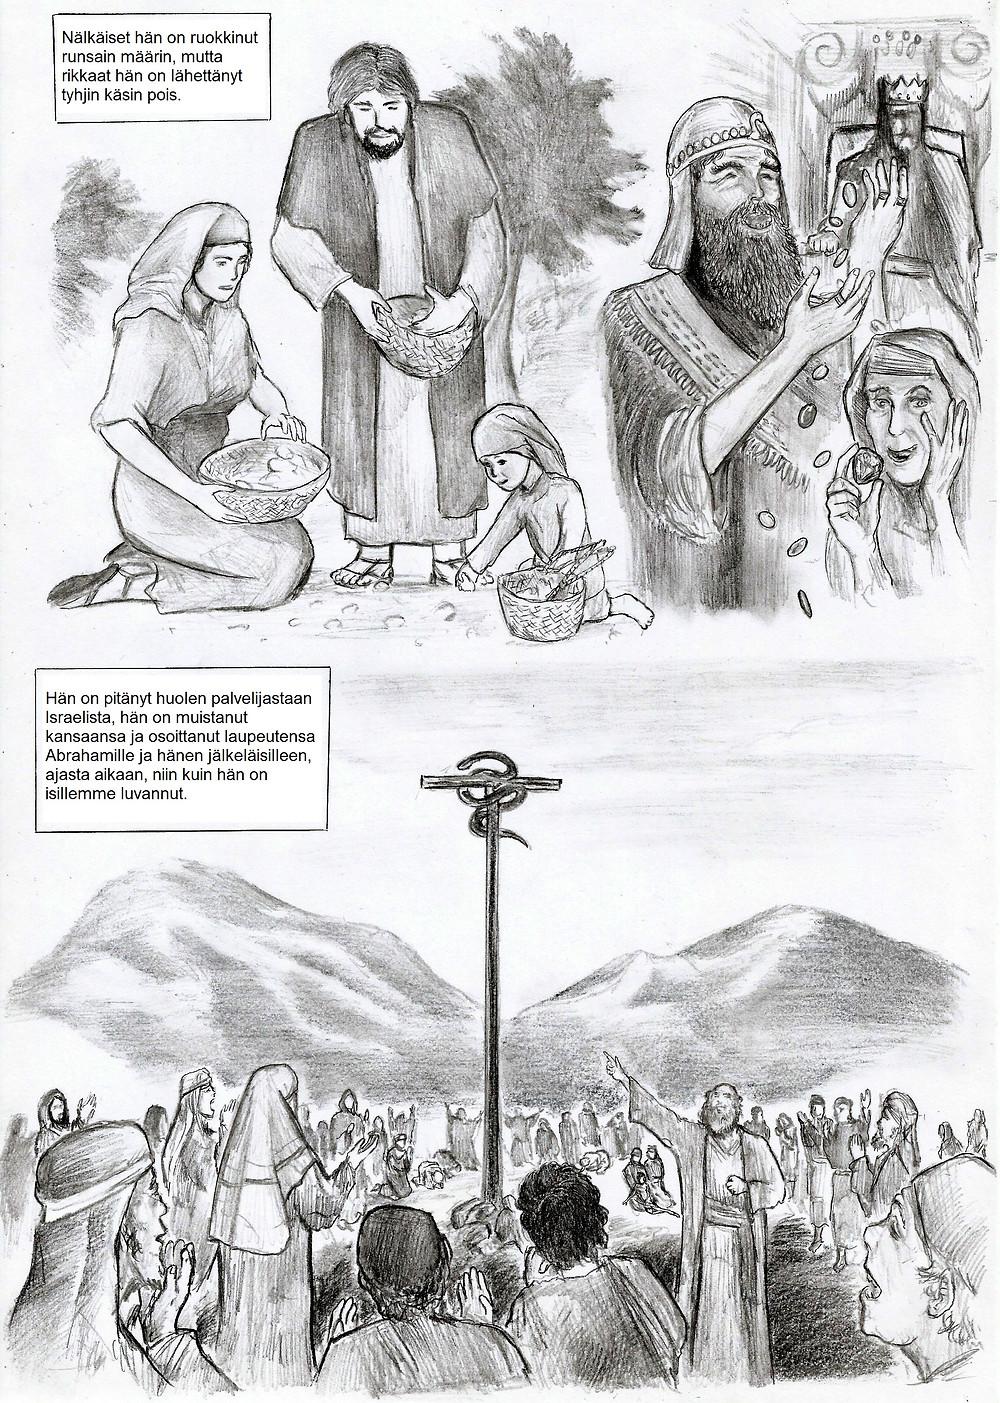 Kiitosvirren mukaan Herra pitää huolta nälkäisistä, palvelijoistaan sekä kansastaan.